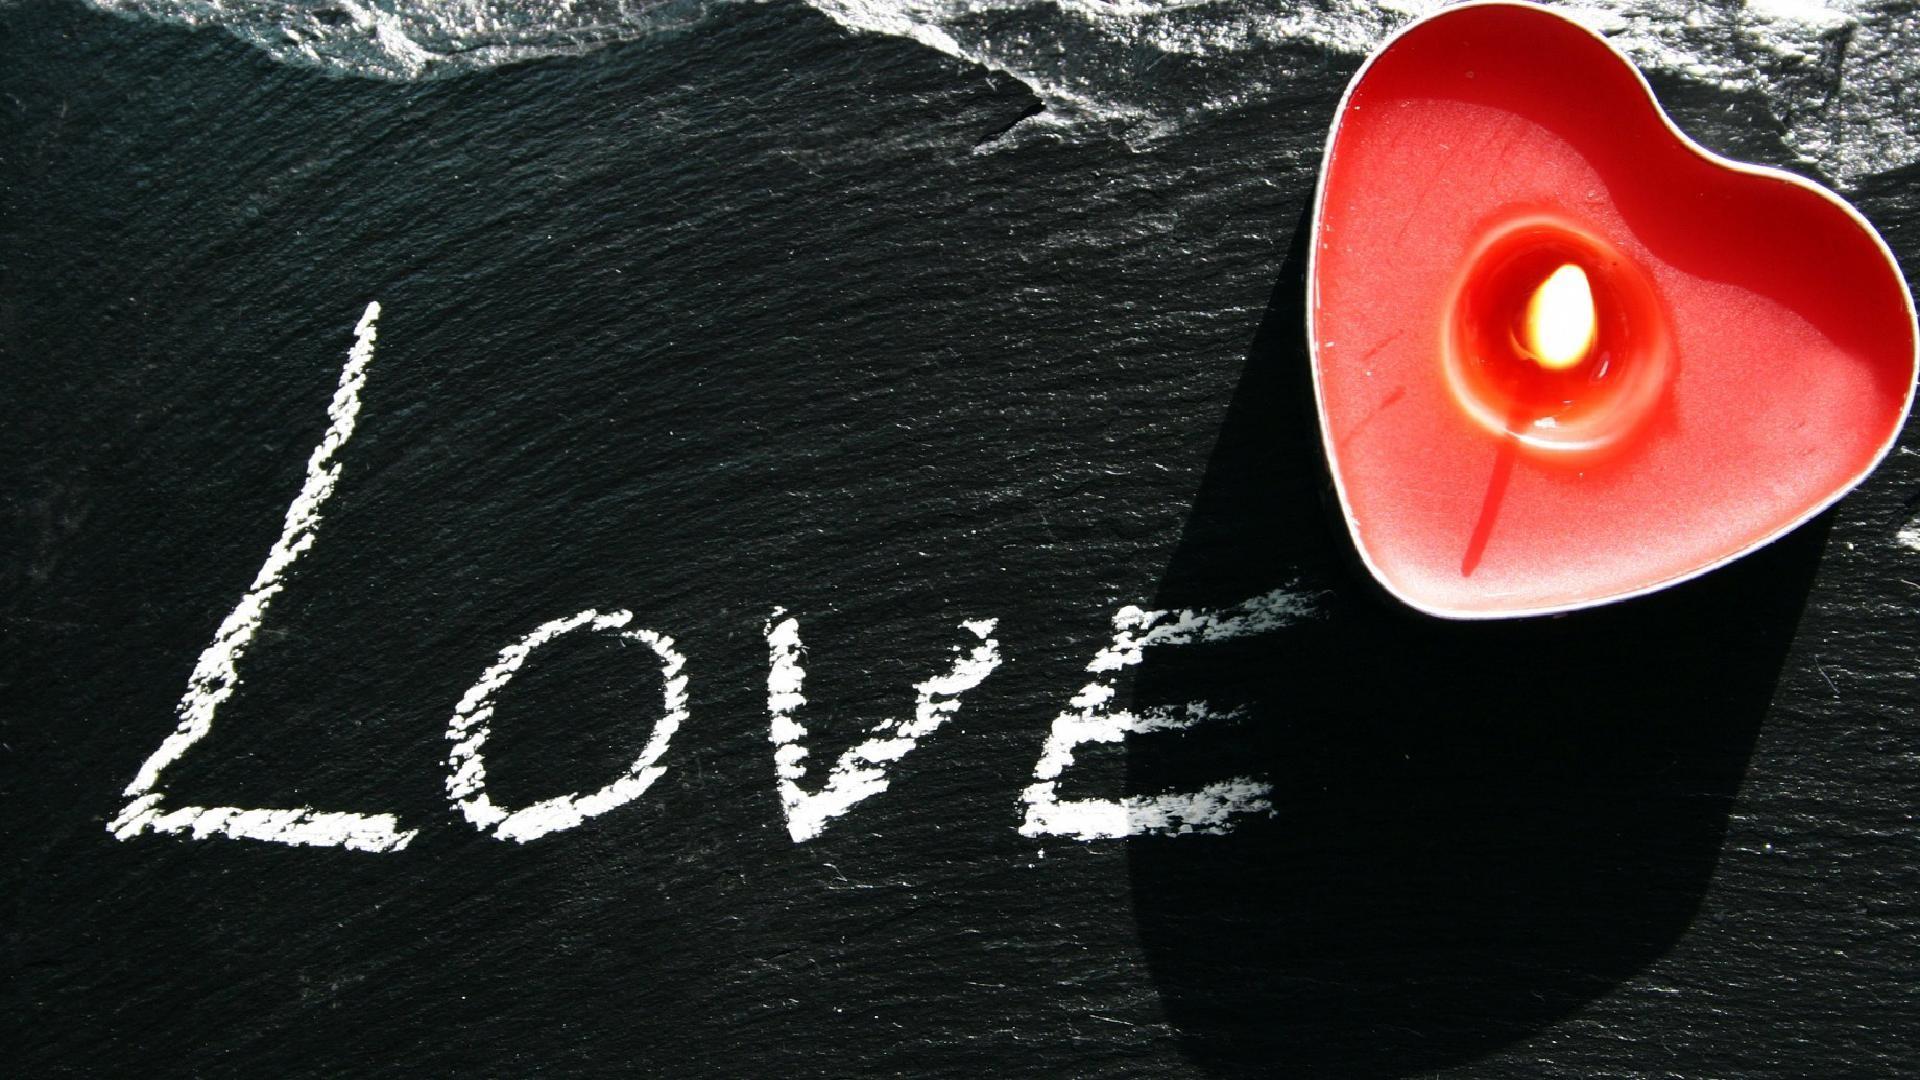 Love written on a black stone